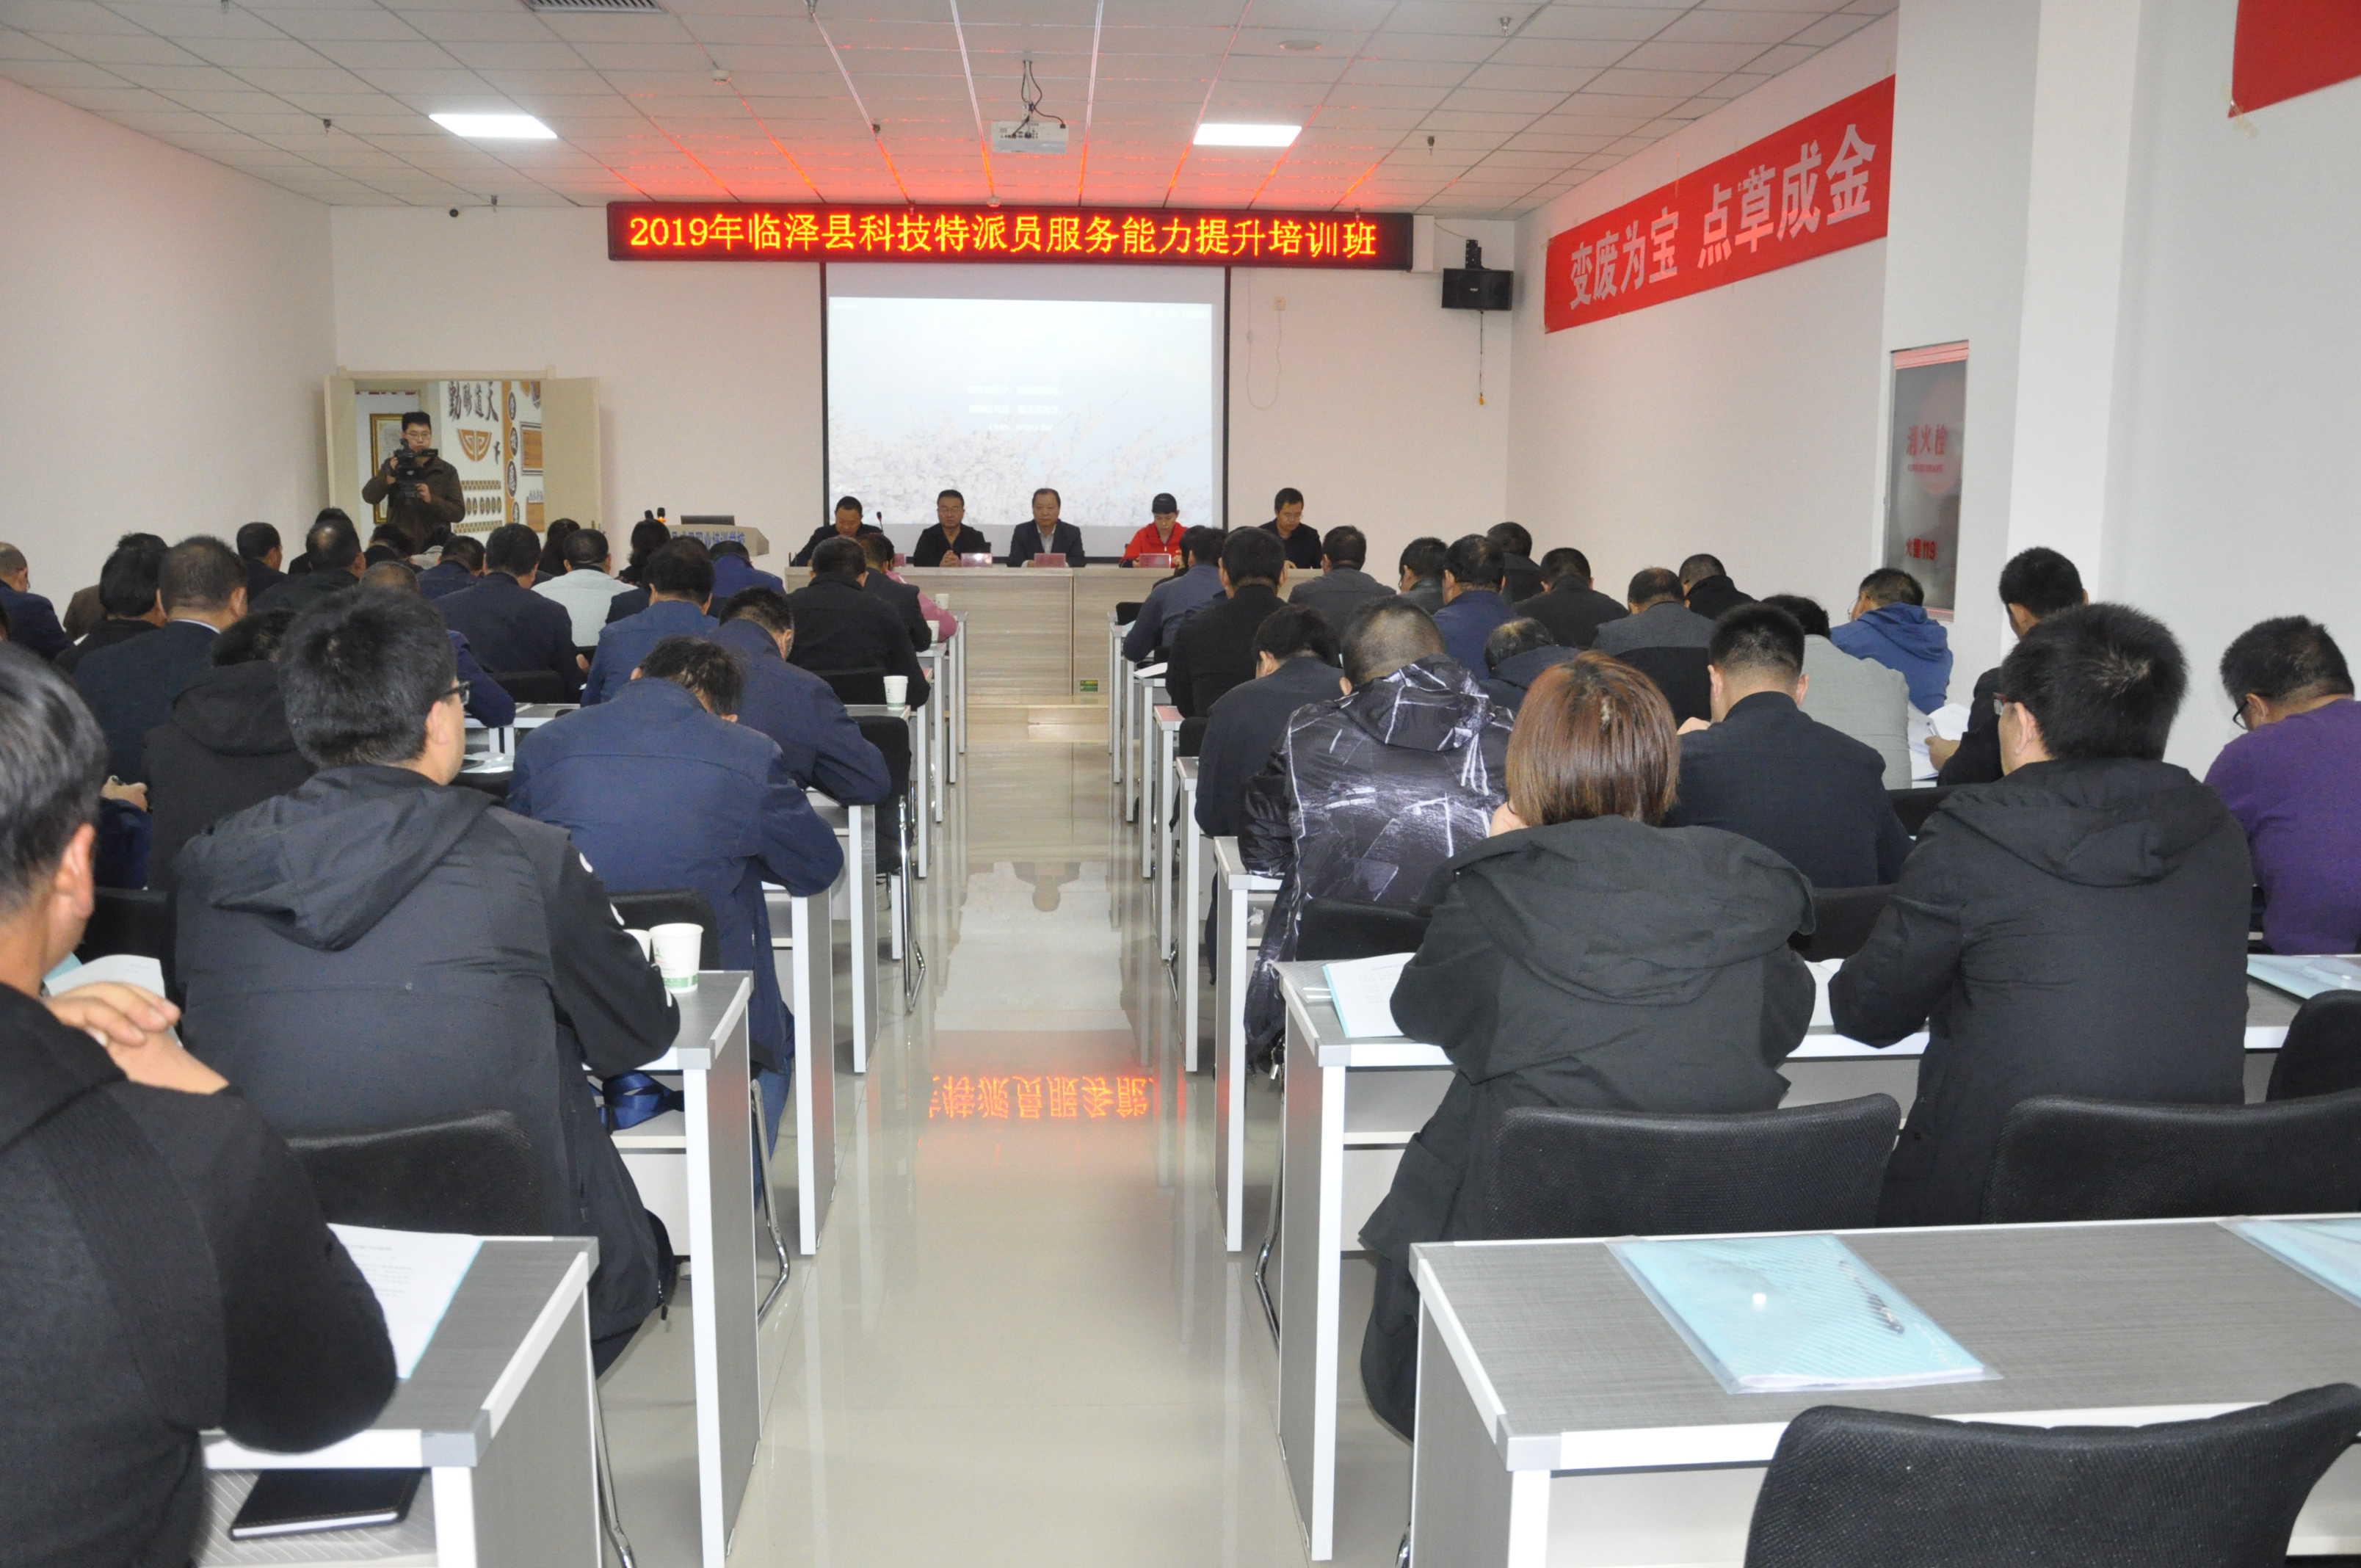 临泽县举办科技特派员创新能力提升培训班